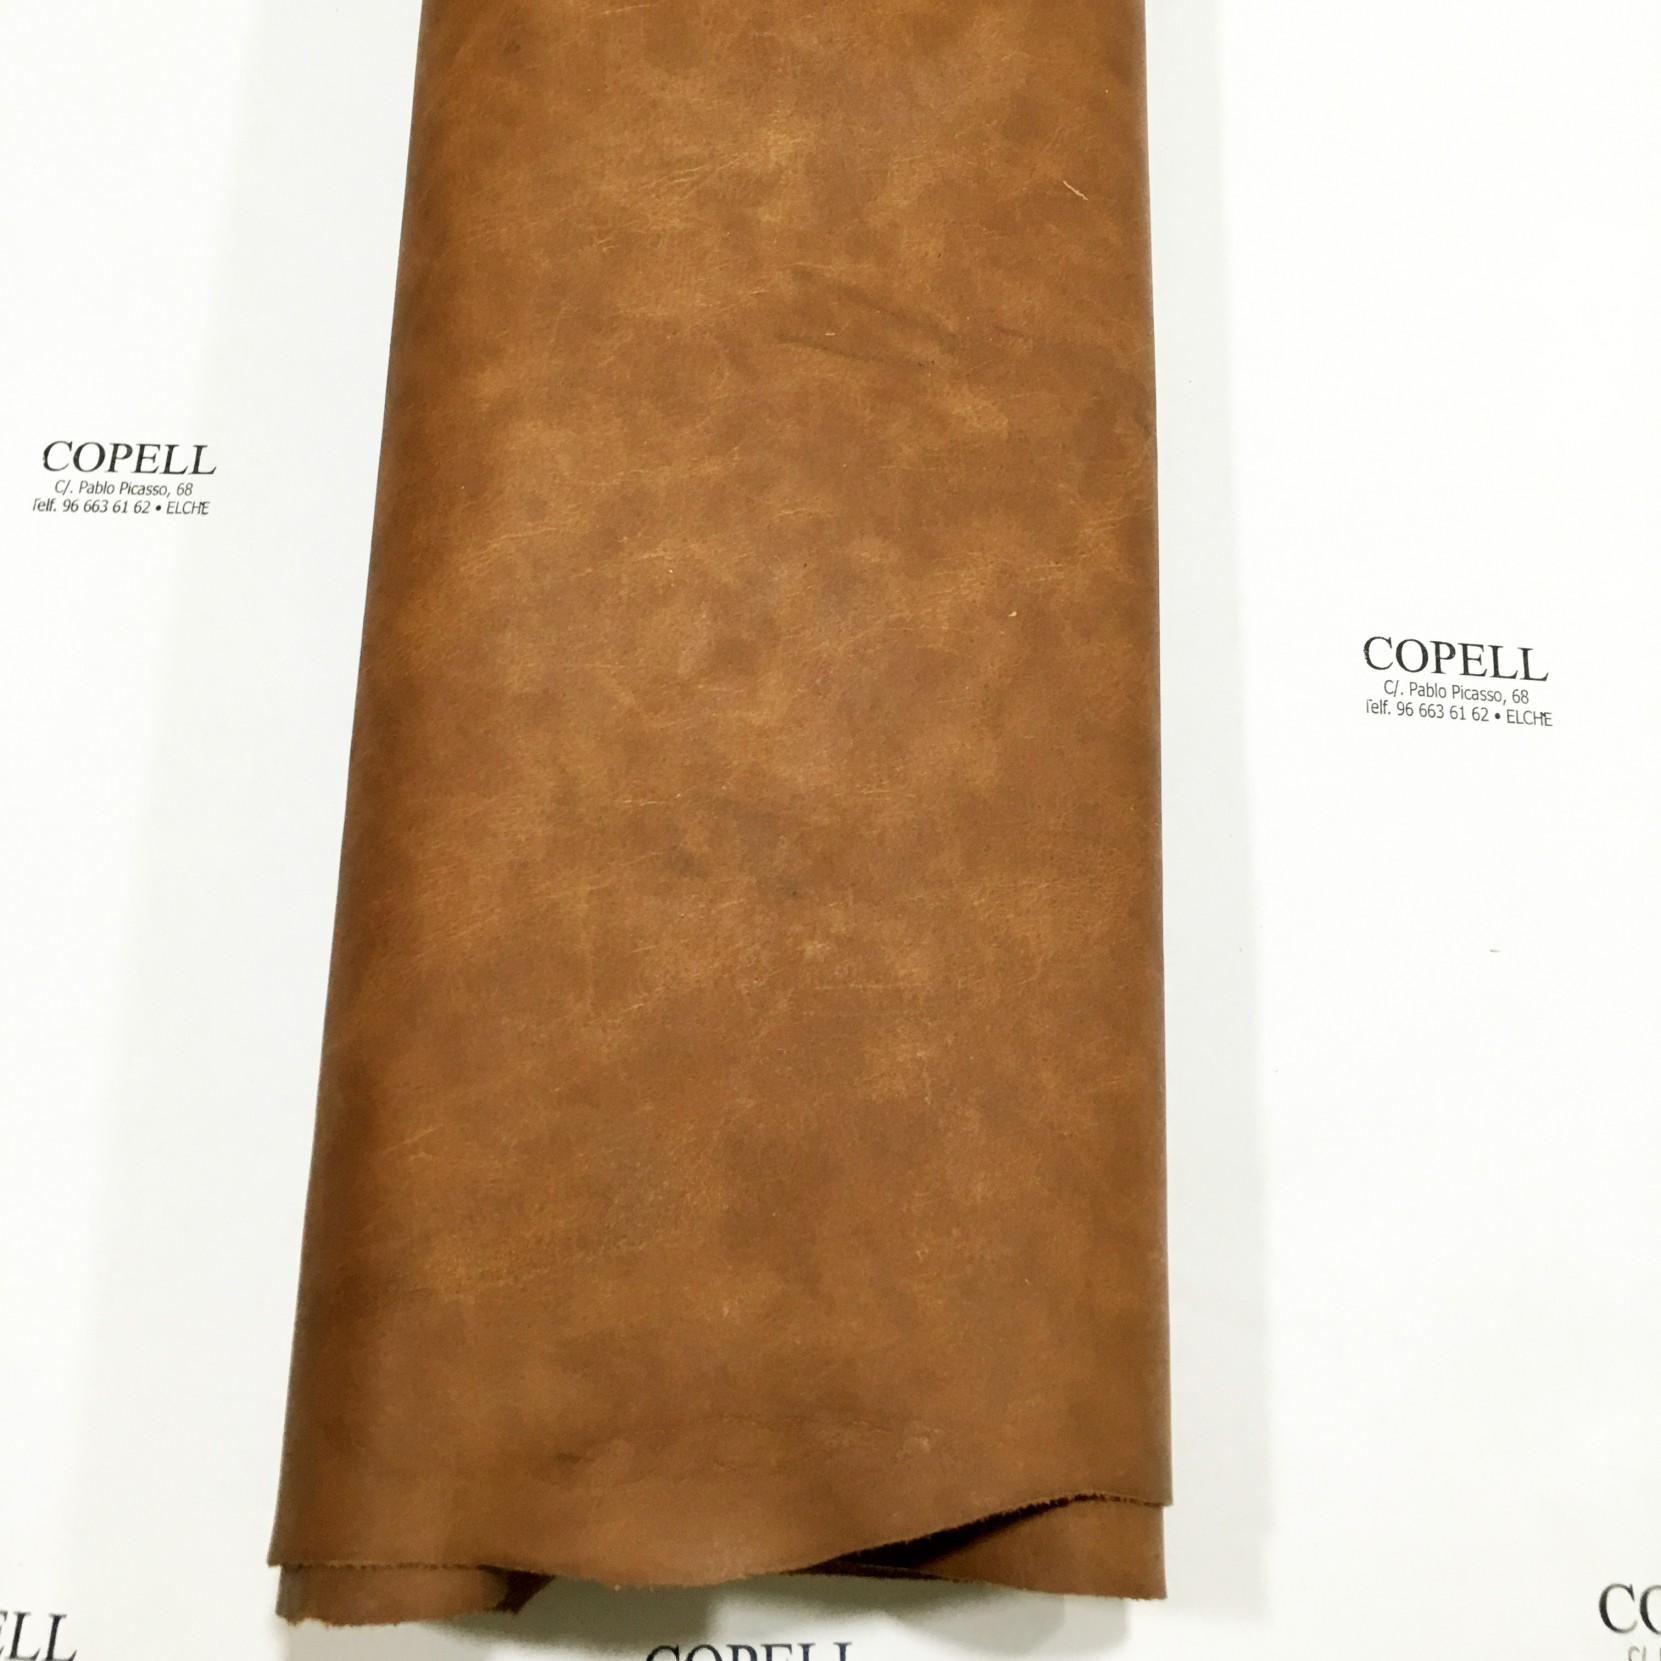 Artículo Marlin Copell